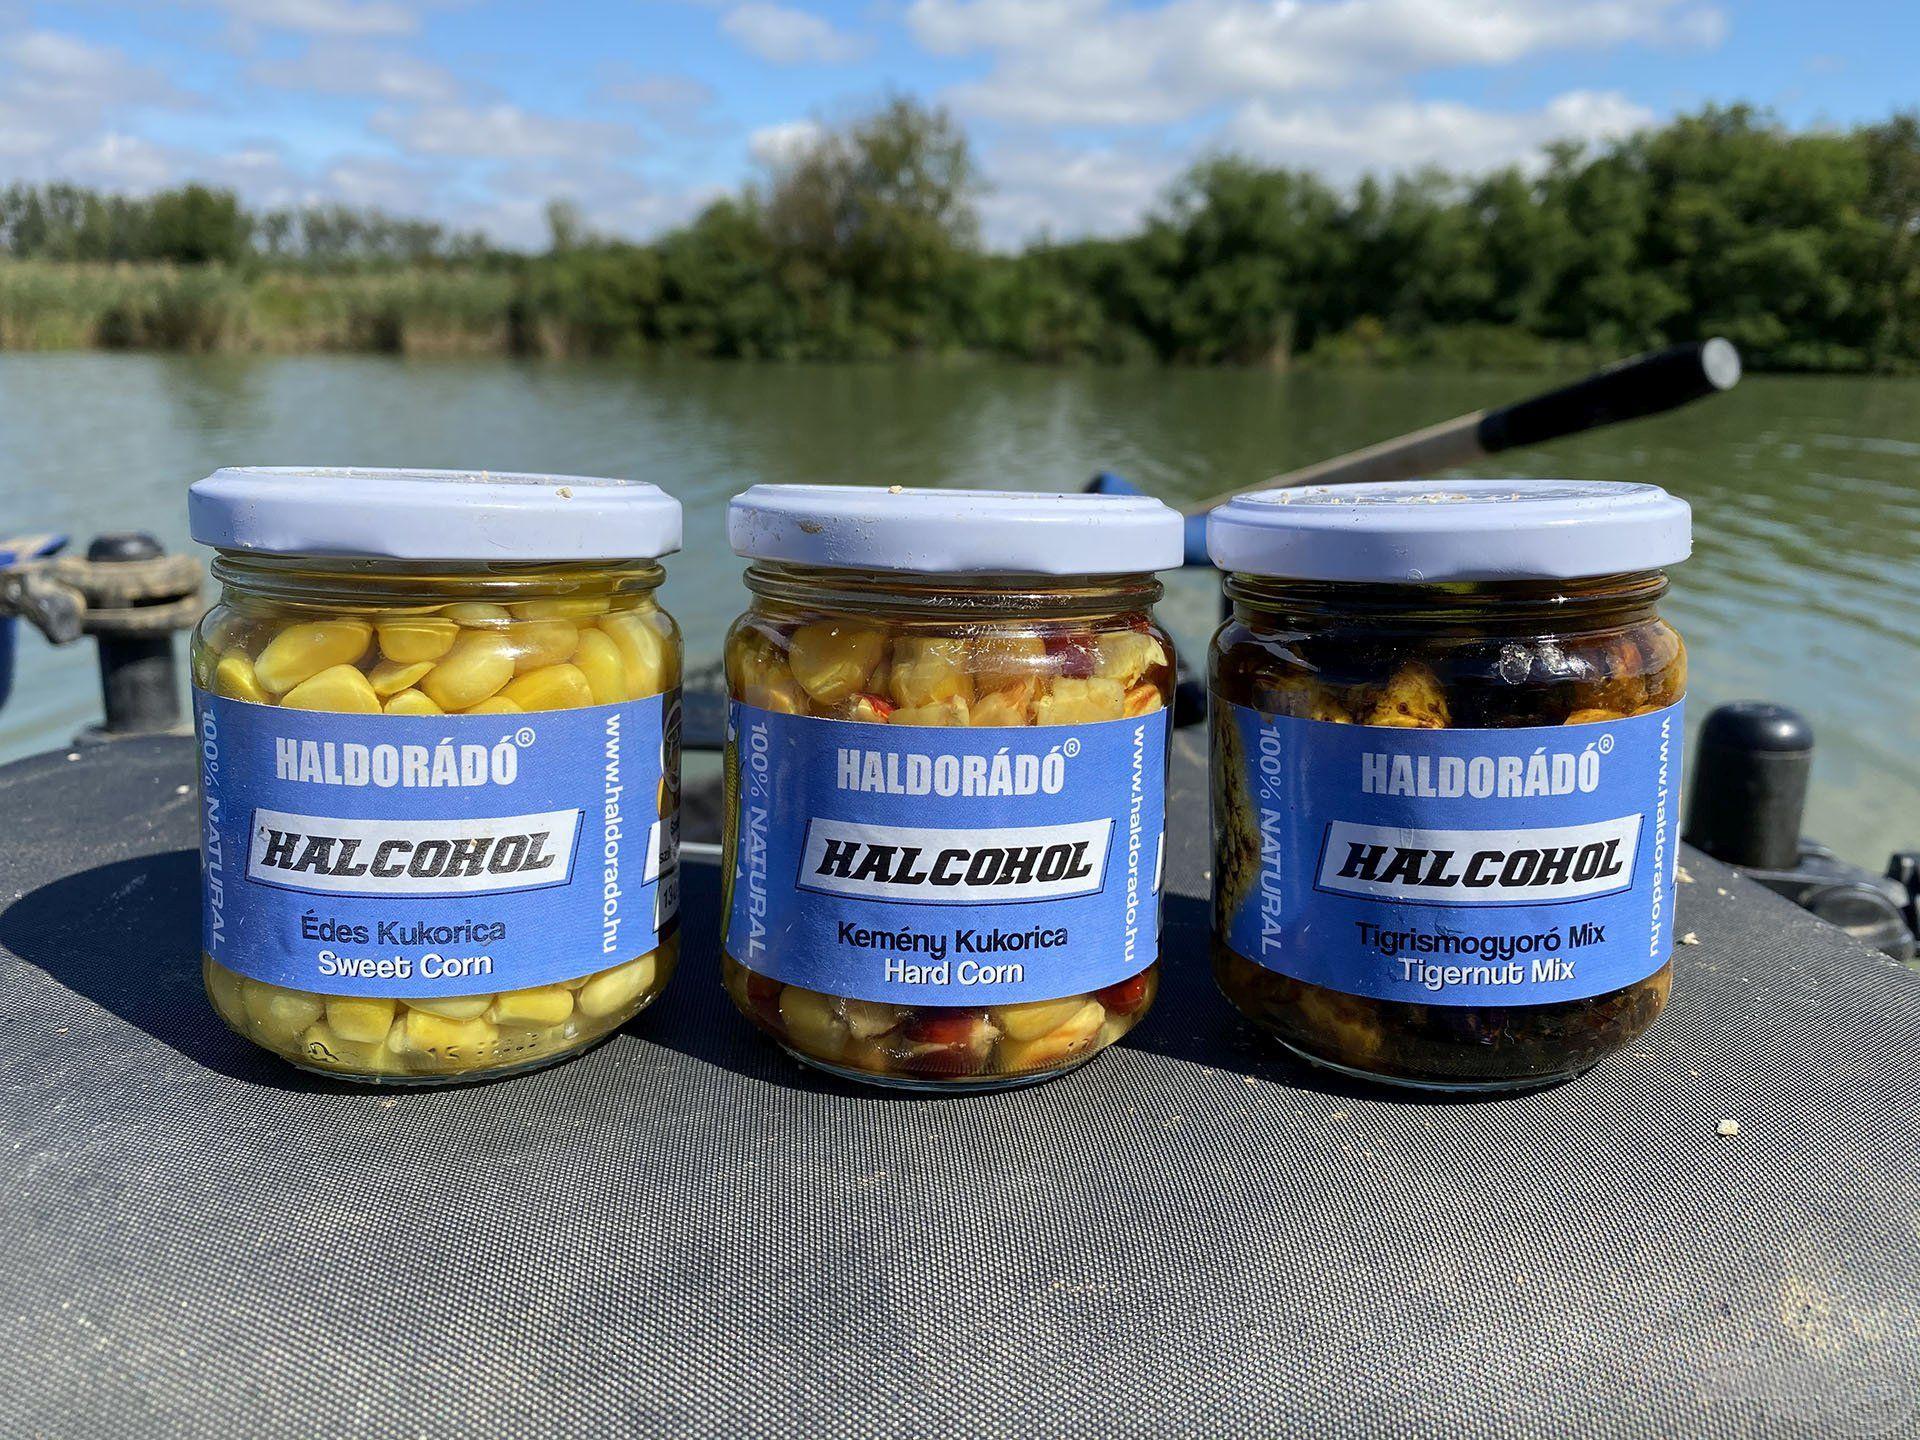 A Halcohol csalicsalád nemcsak kemény kukorica, hanem édes kukorica vagy klasszikus csemegekukorica változatban, valamint Tigrismogyoró Mixben is elérhető lesz